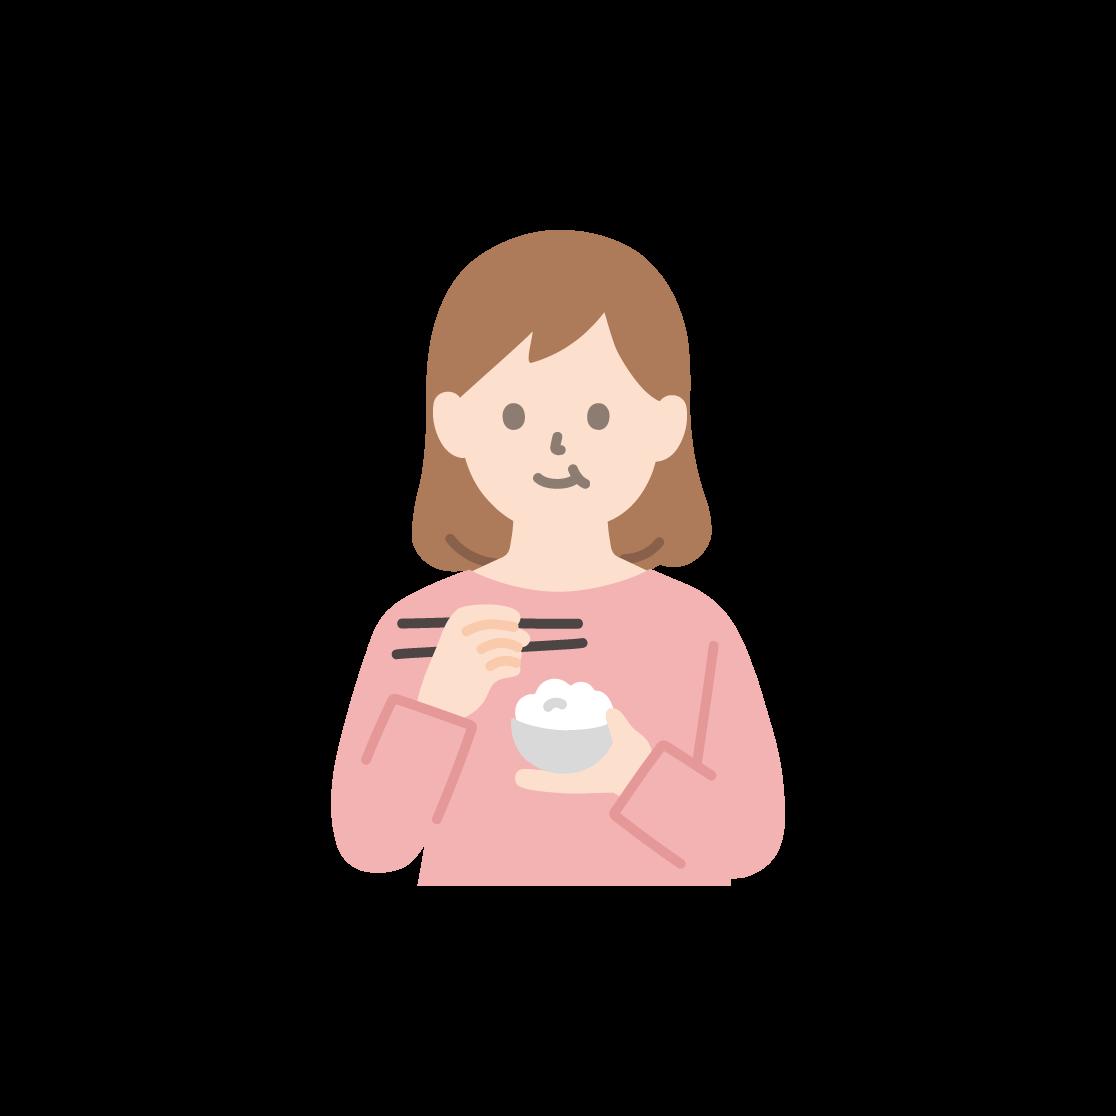 食事をする女性のイラスト(塗り)